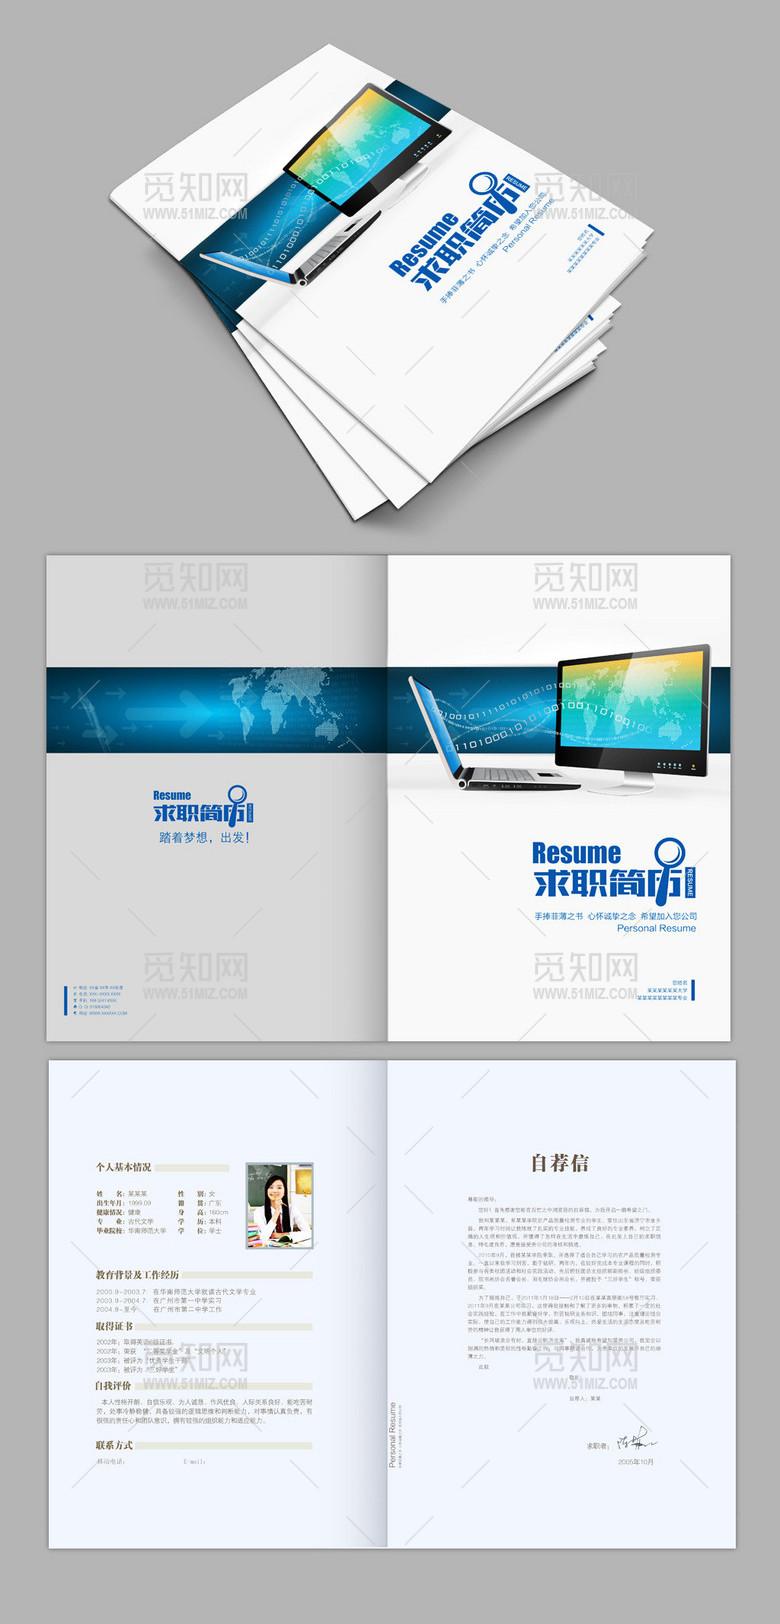 蓝色电脑信息技术文员个人求职简历设计